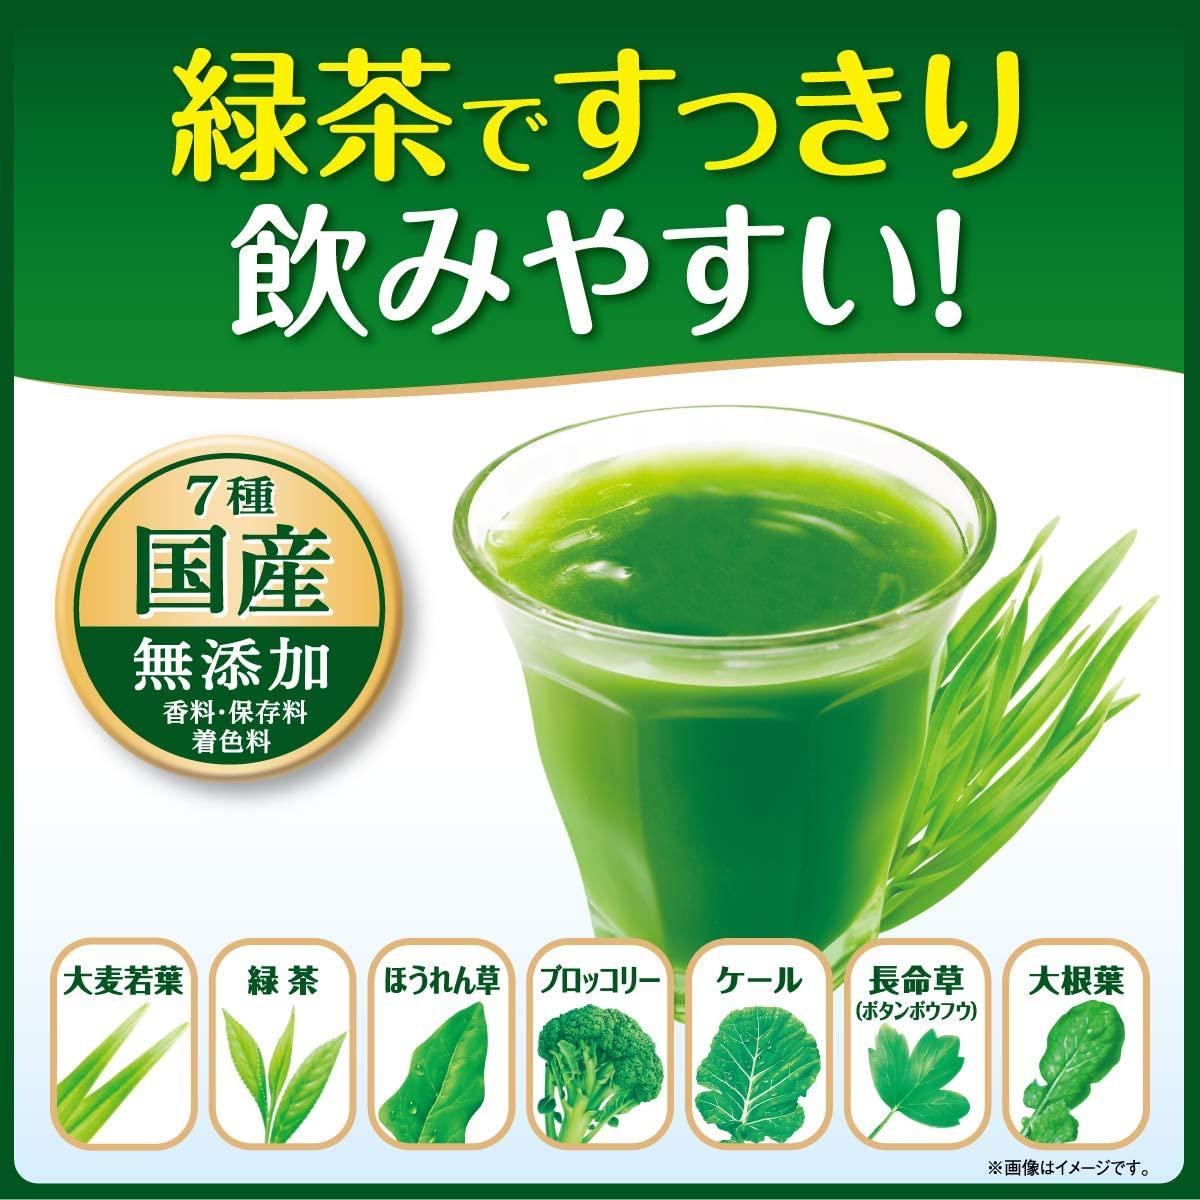 伊藤園(イトウエン) 毎日1杯の青汁 糖類不使用の商品画像11